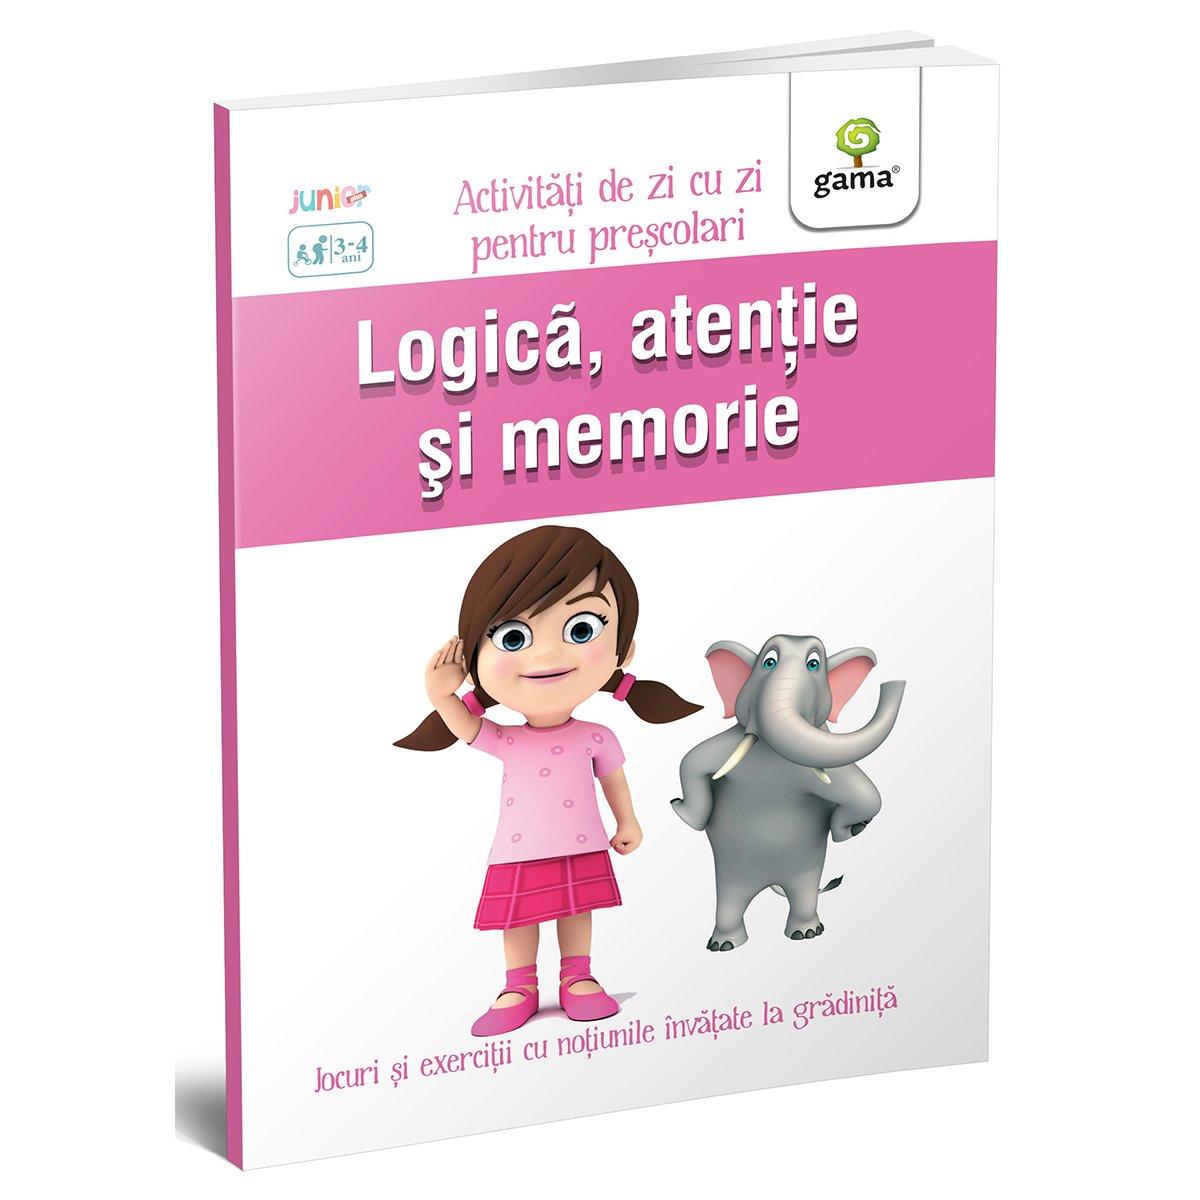 Carte Editura Gama, Logica, atentie si memorie 3-4 ani, Activitati de zi cu zi imagine